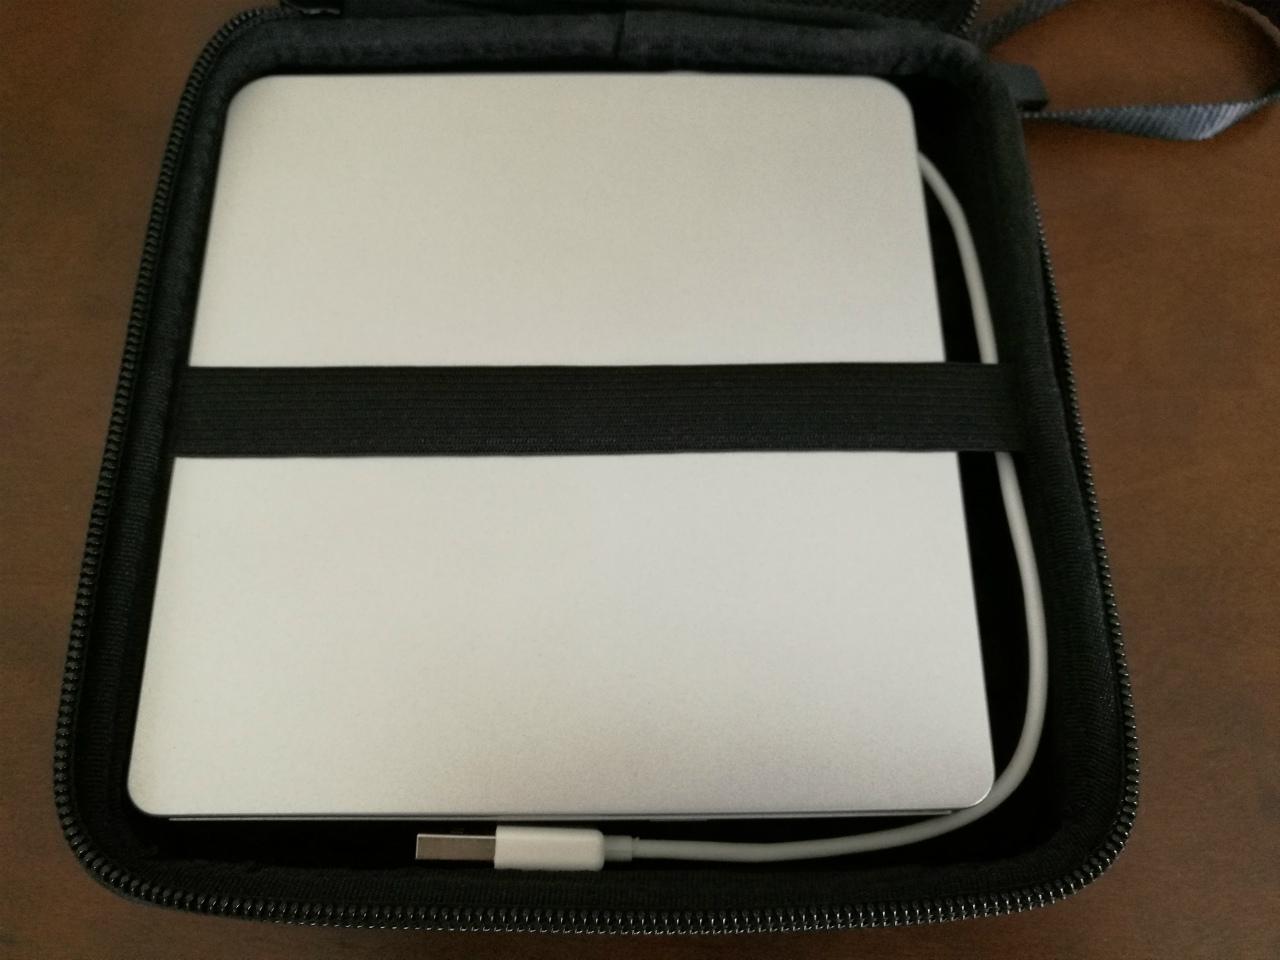 pr-qtop-portable-drive-case-07